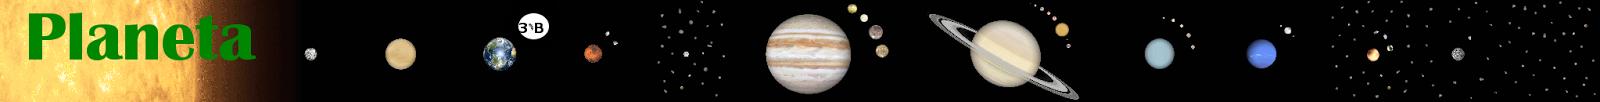 Planeta Tercero B